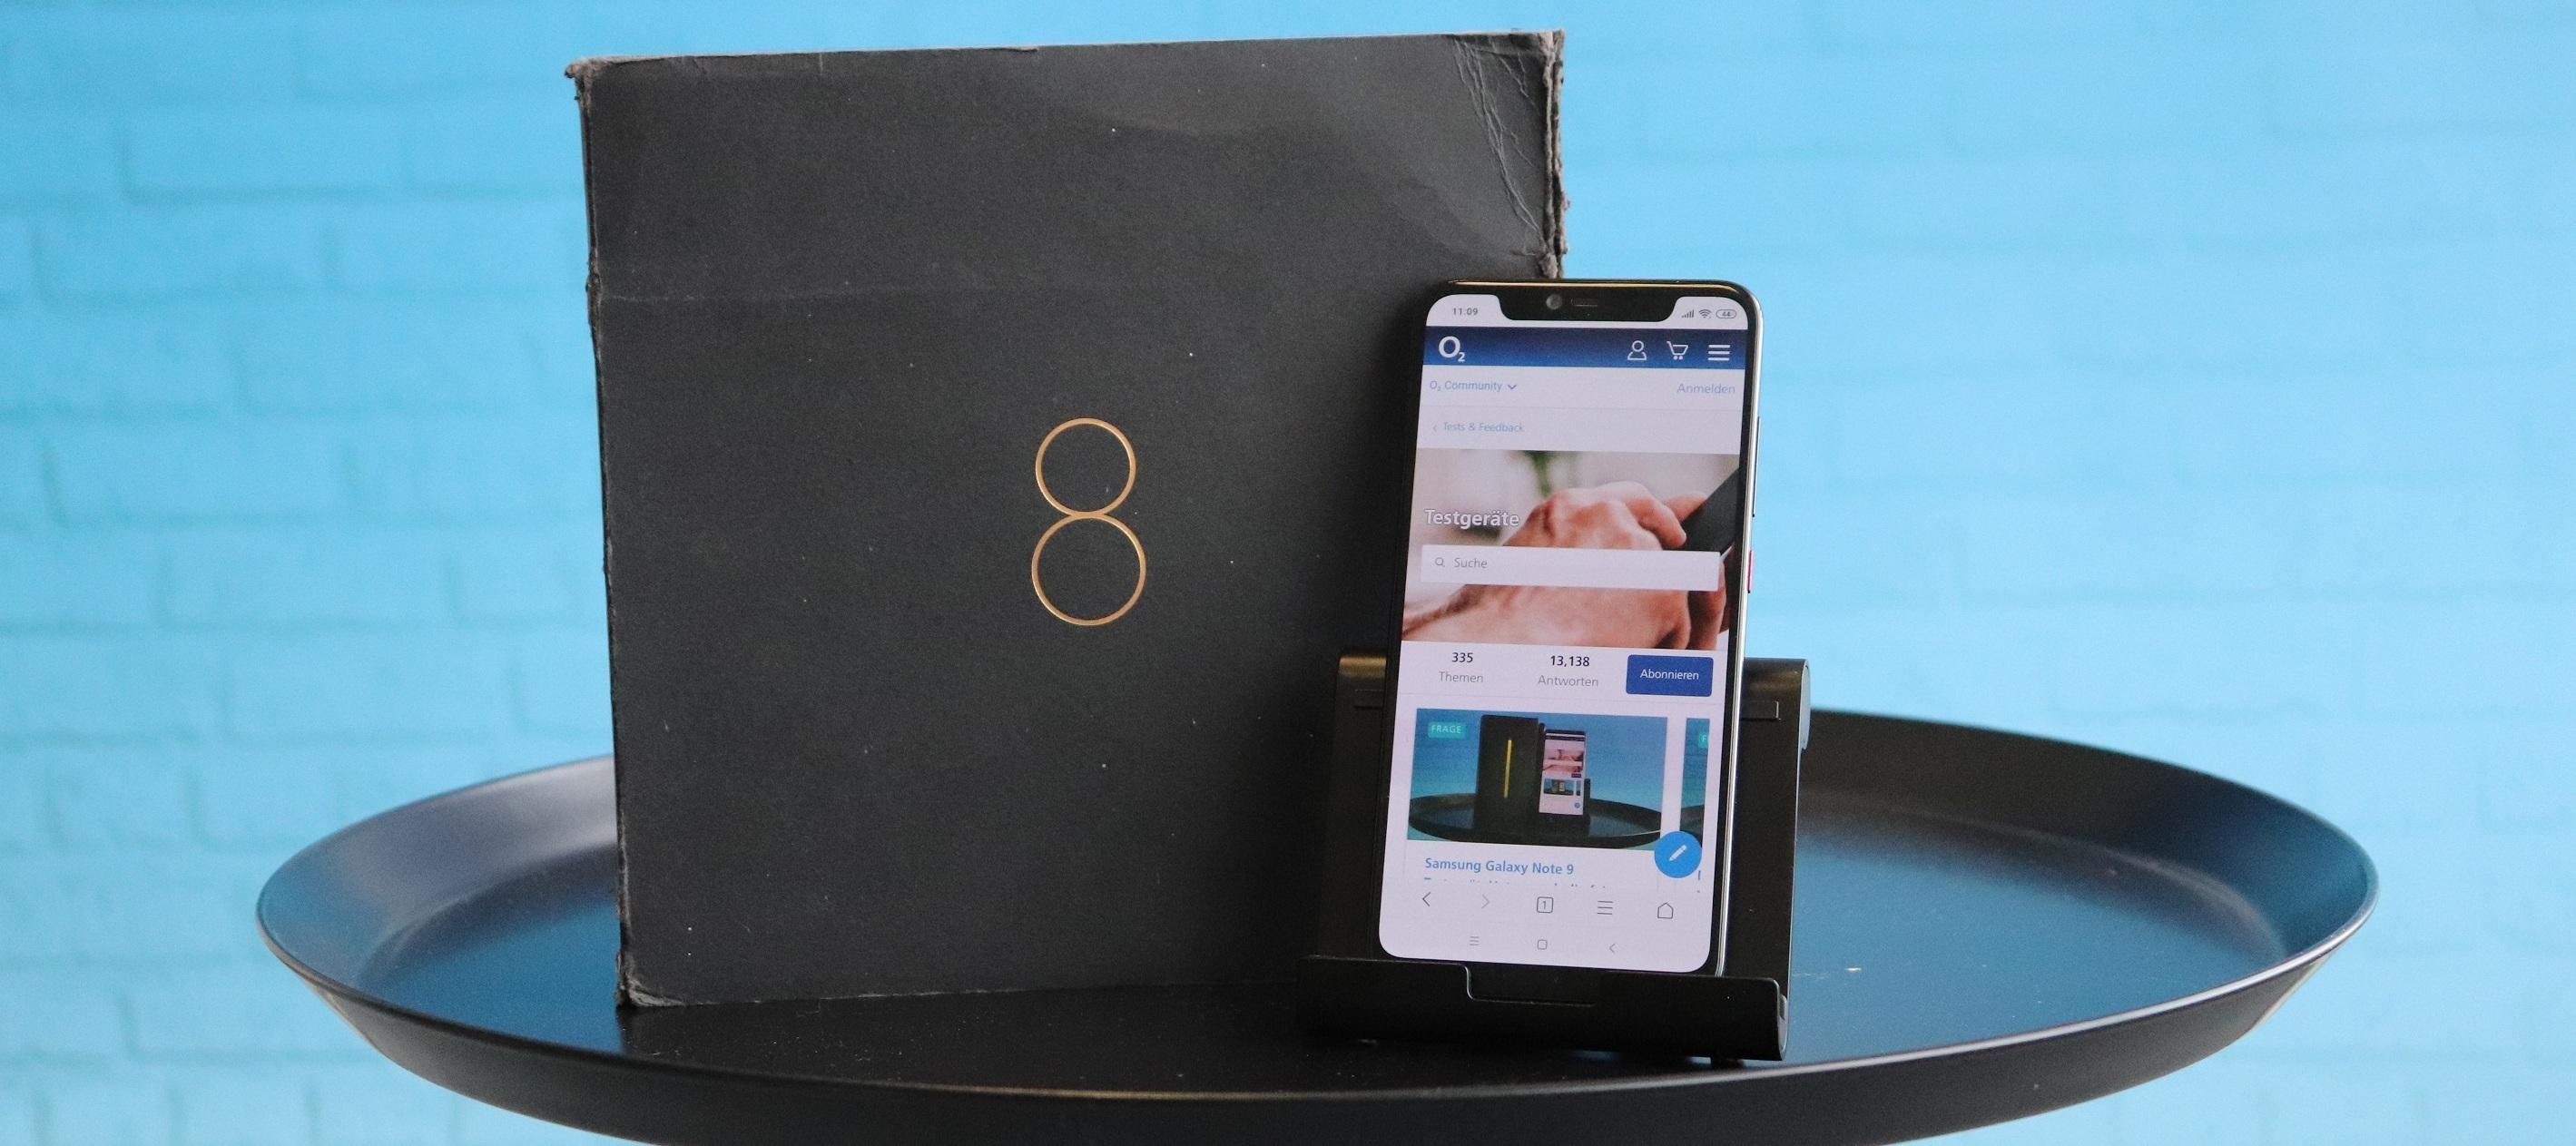 Xiaomi Mi 8 Testgerät: Entdecke dein Talent als Smartphone-Tester/in! Bewirb dich jetzt!